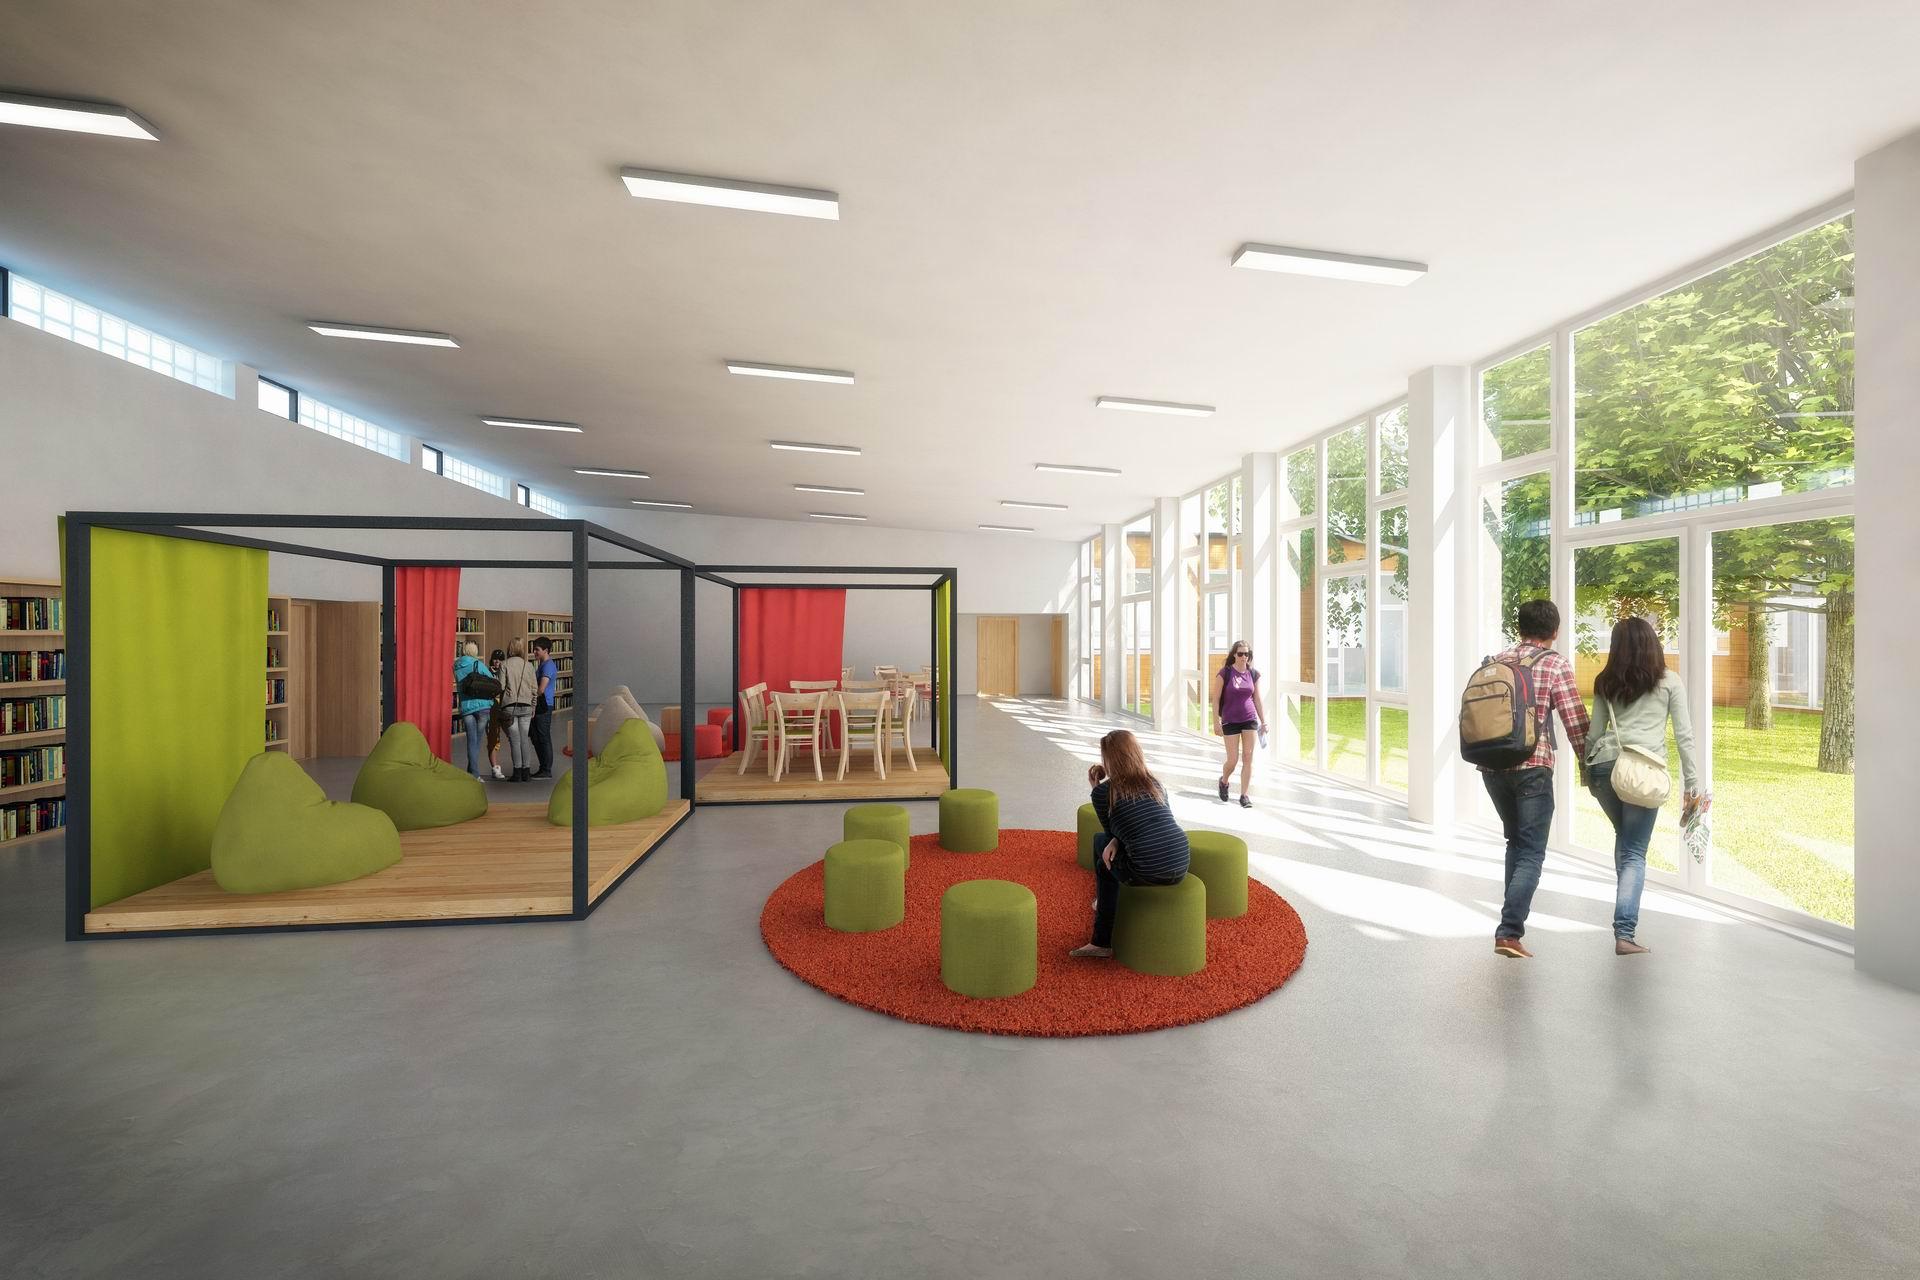 rekonstrukce základní školy montessori kladno